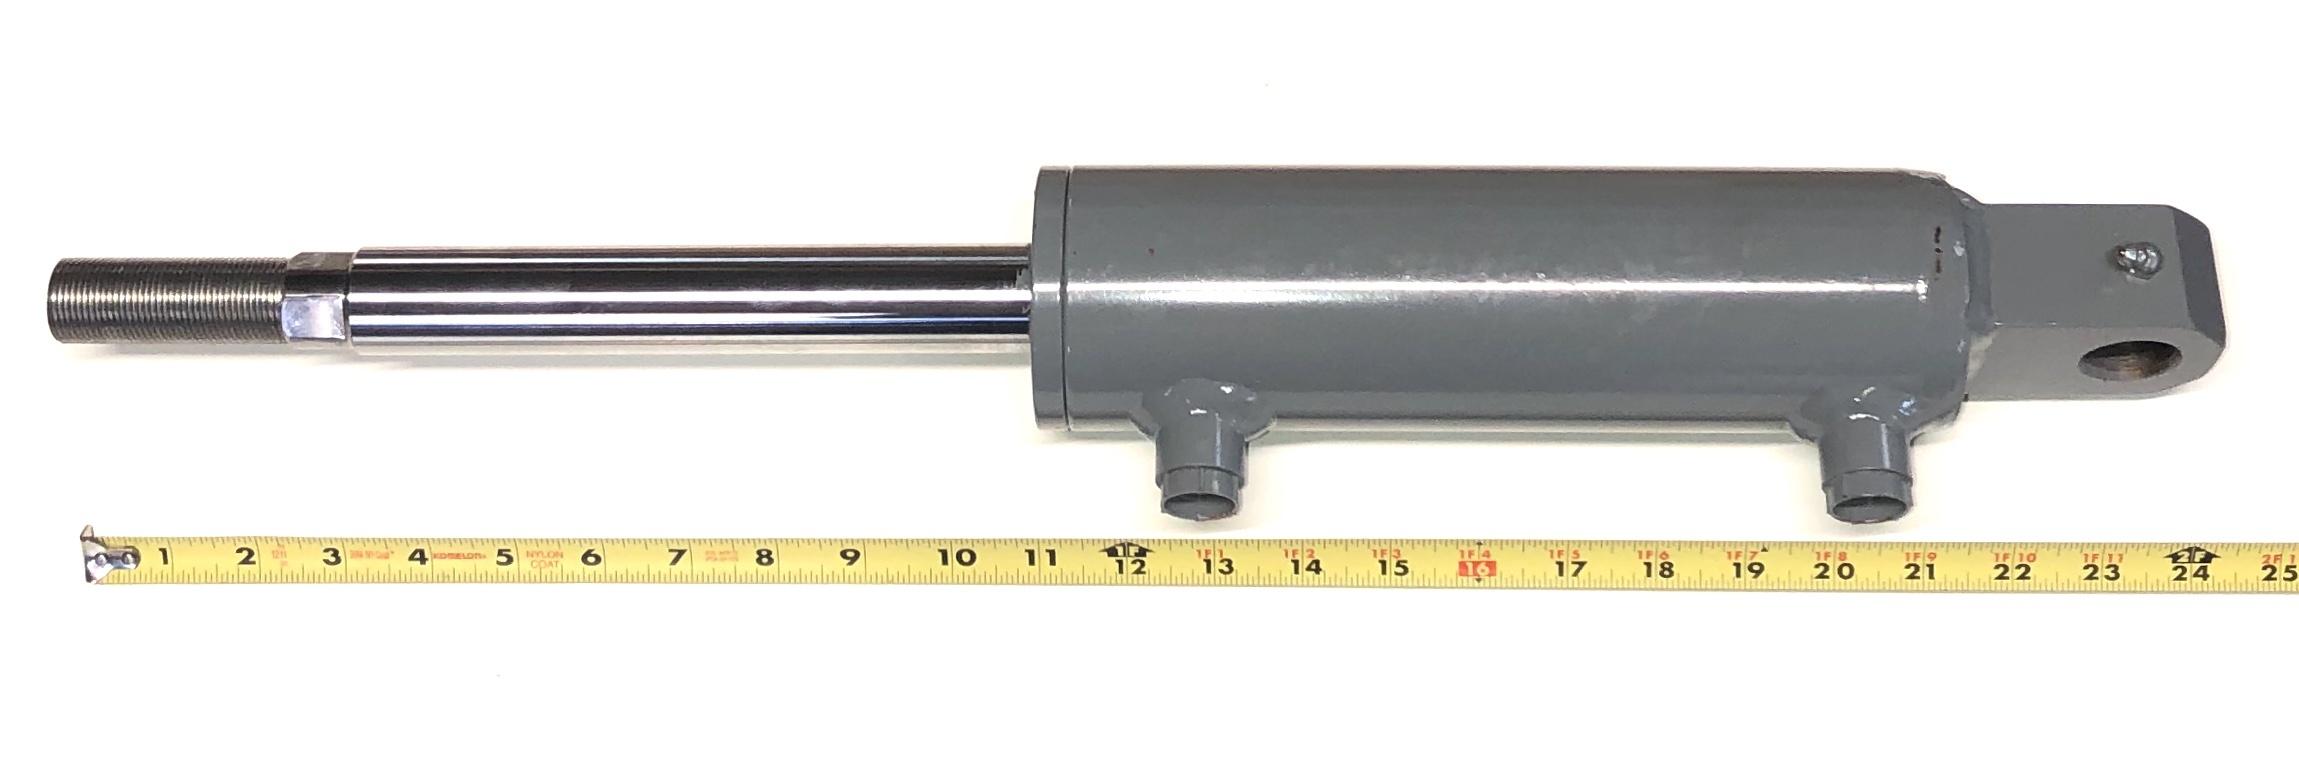 Challenge Knife Cylinder